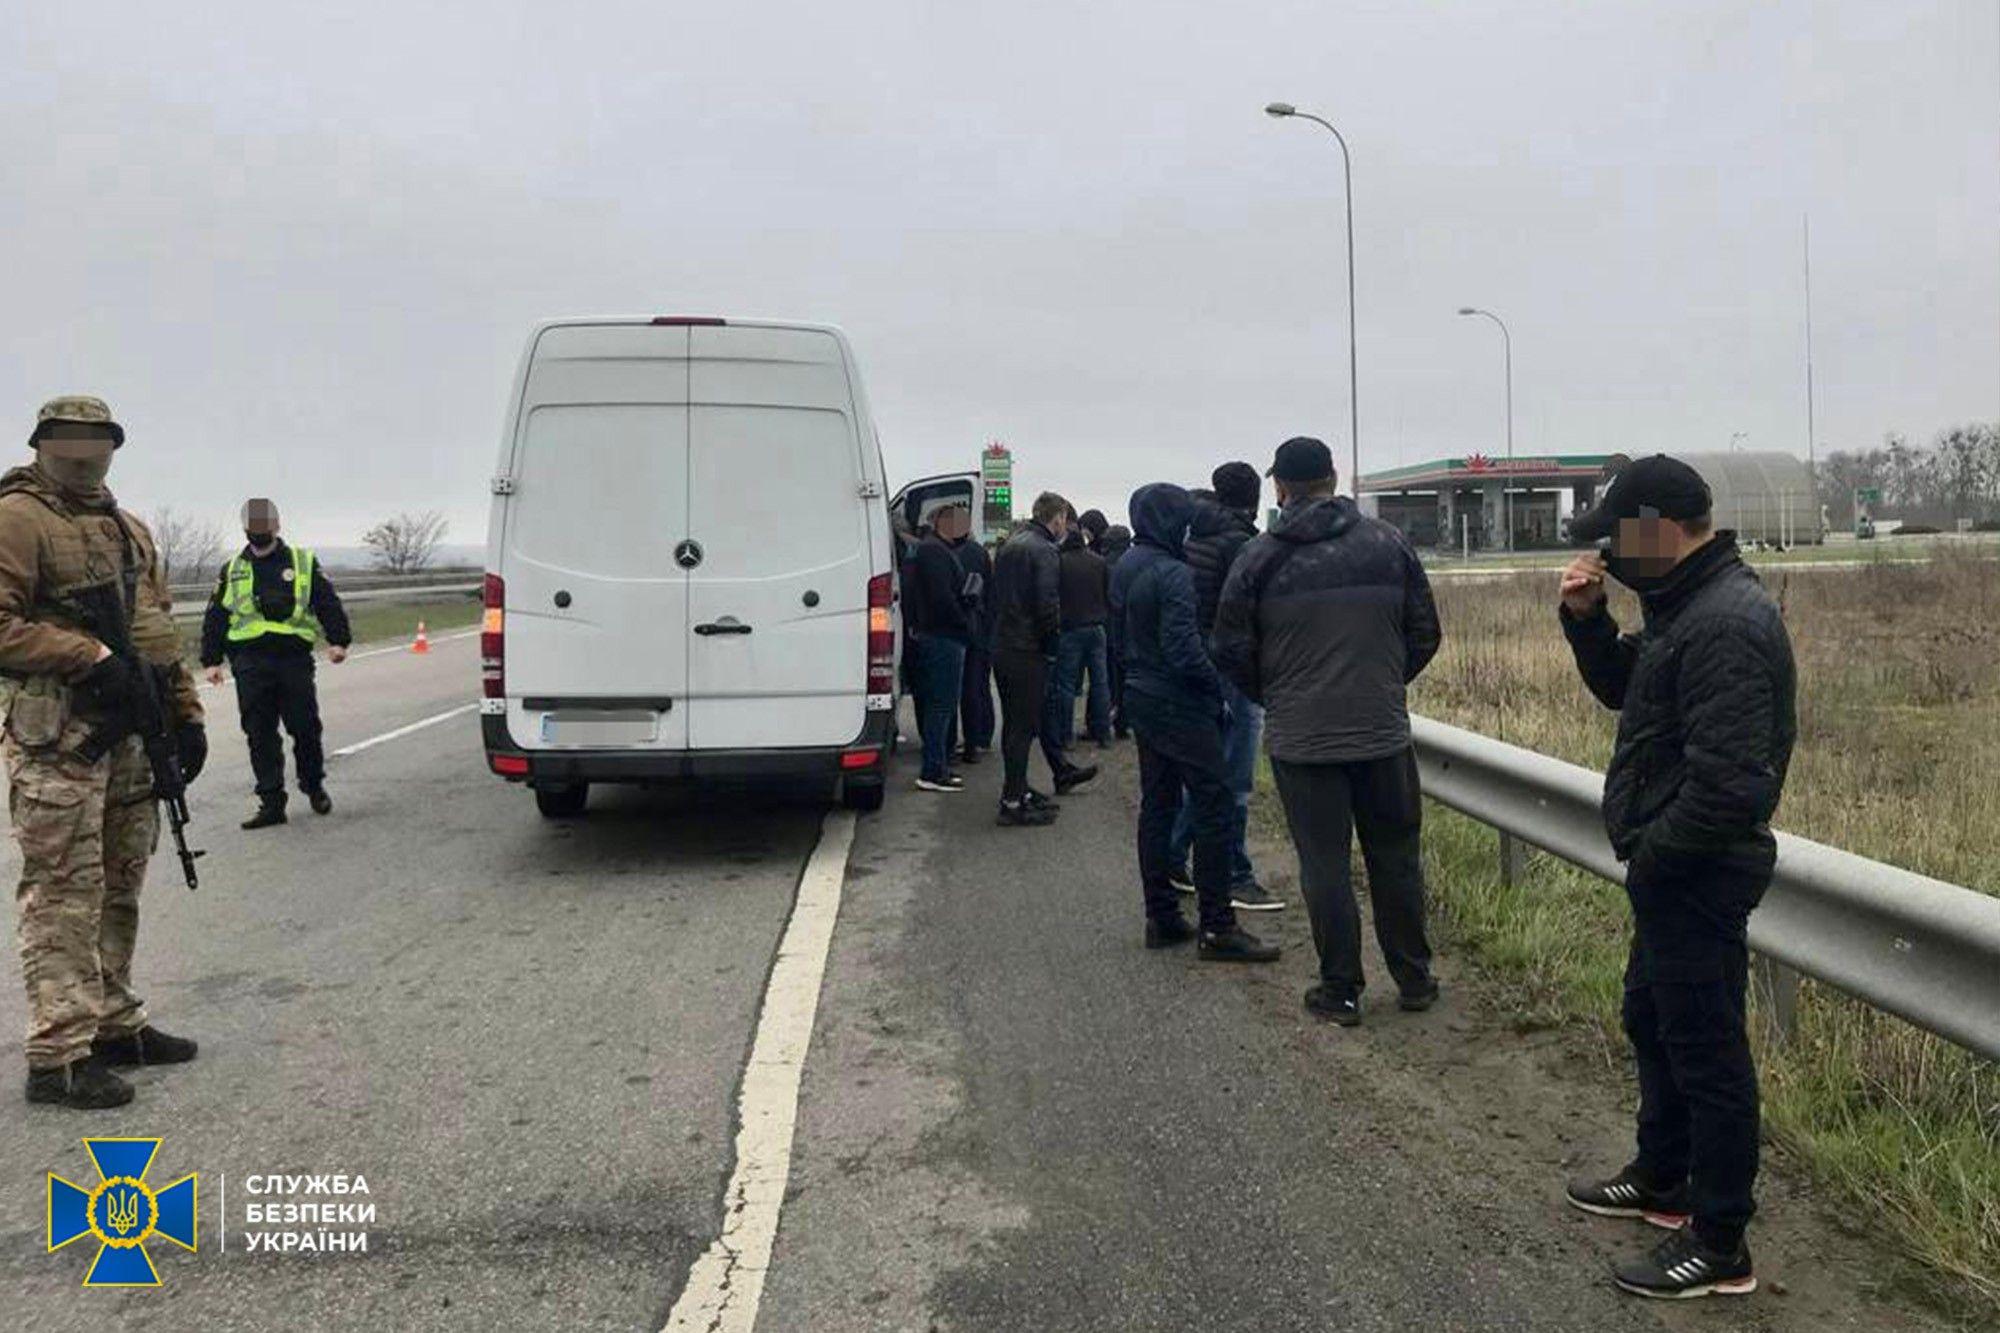 СБУ затримала автобуси із «тітушками» на Харківщині: хотіли дестабілізувати ситуацію і створити «картинку для росЗМІ»